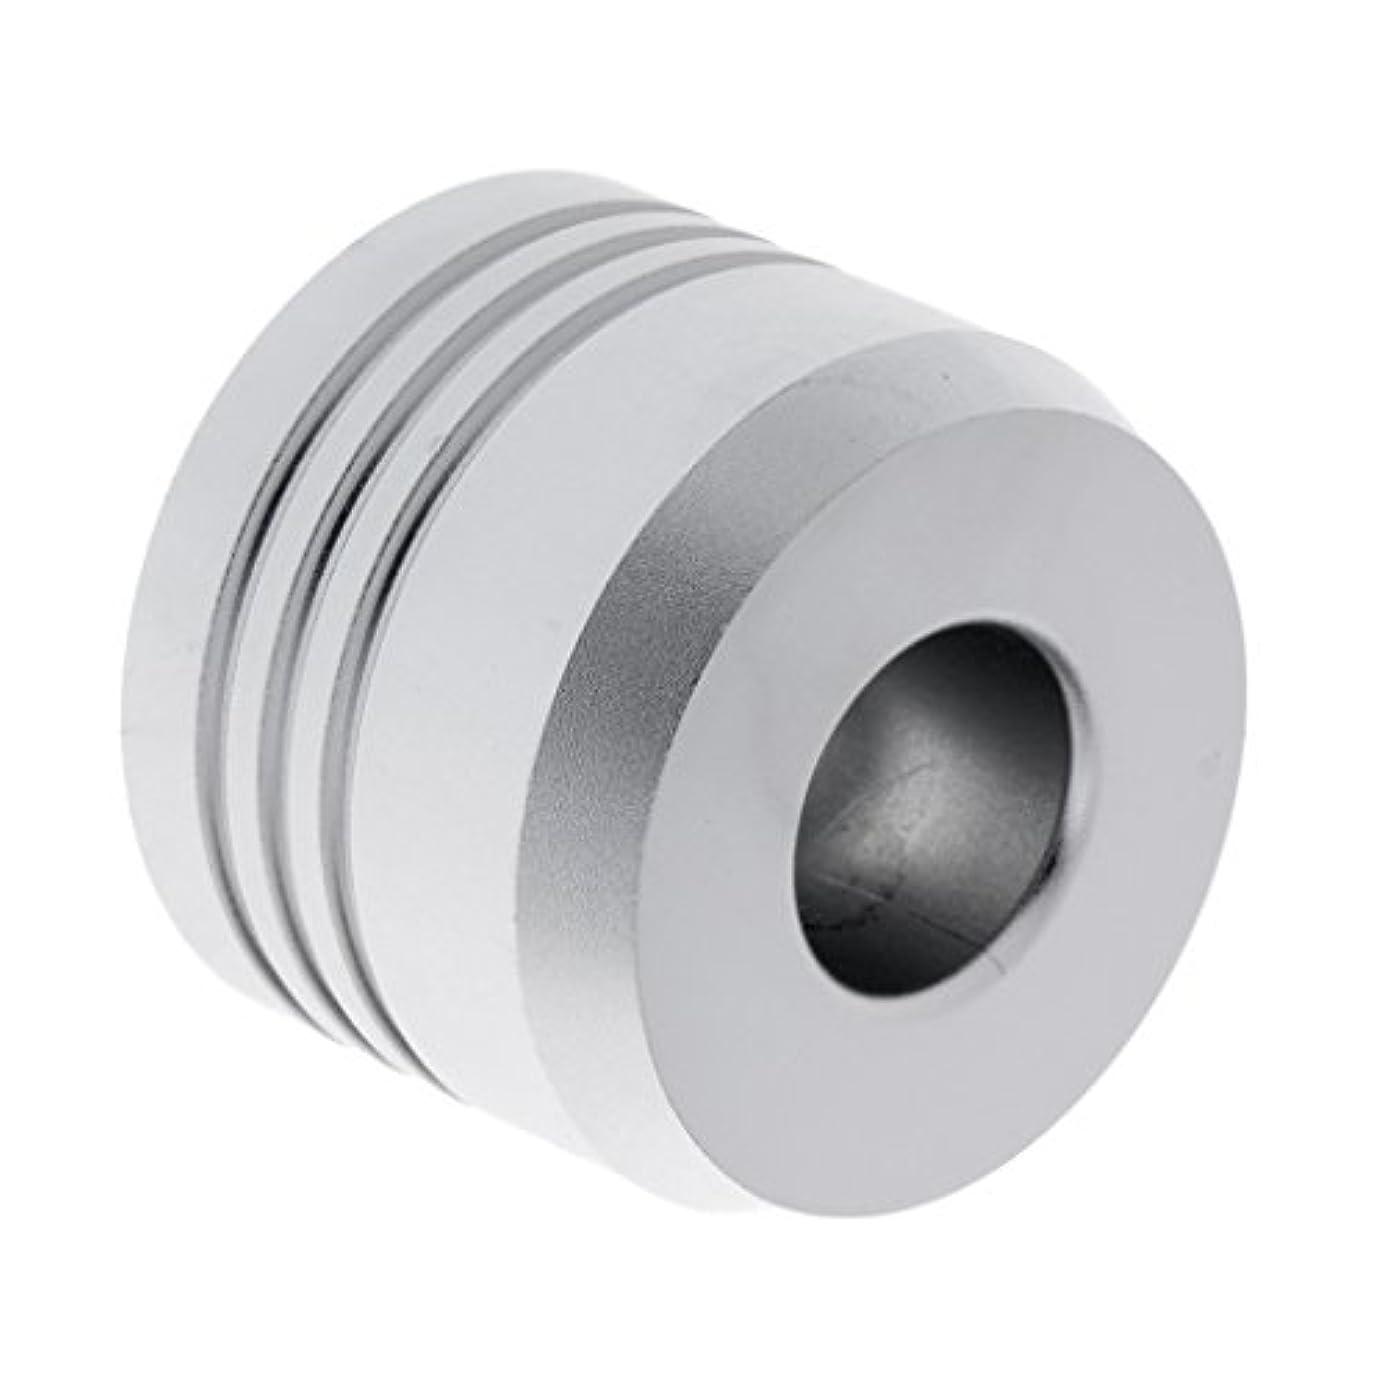 フォロー子楽しむKesoto セーフティカミソリスタンド スタンド メンズ シェービング カミソリホルダー サポート 調節可能 シェーバーベース 2色選べ   - 銀